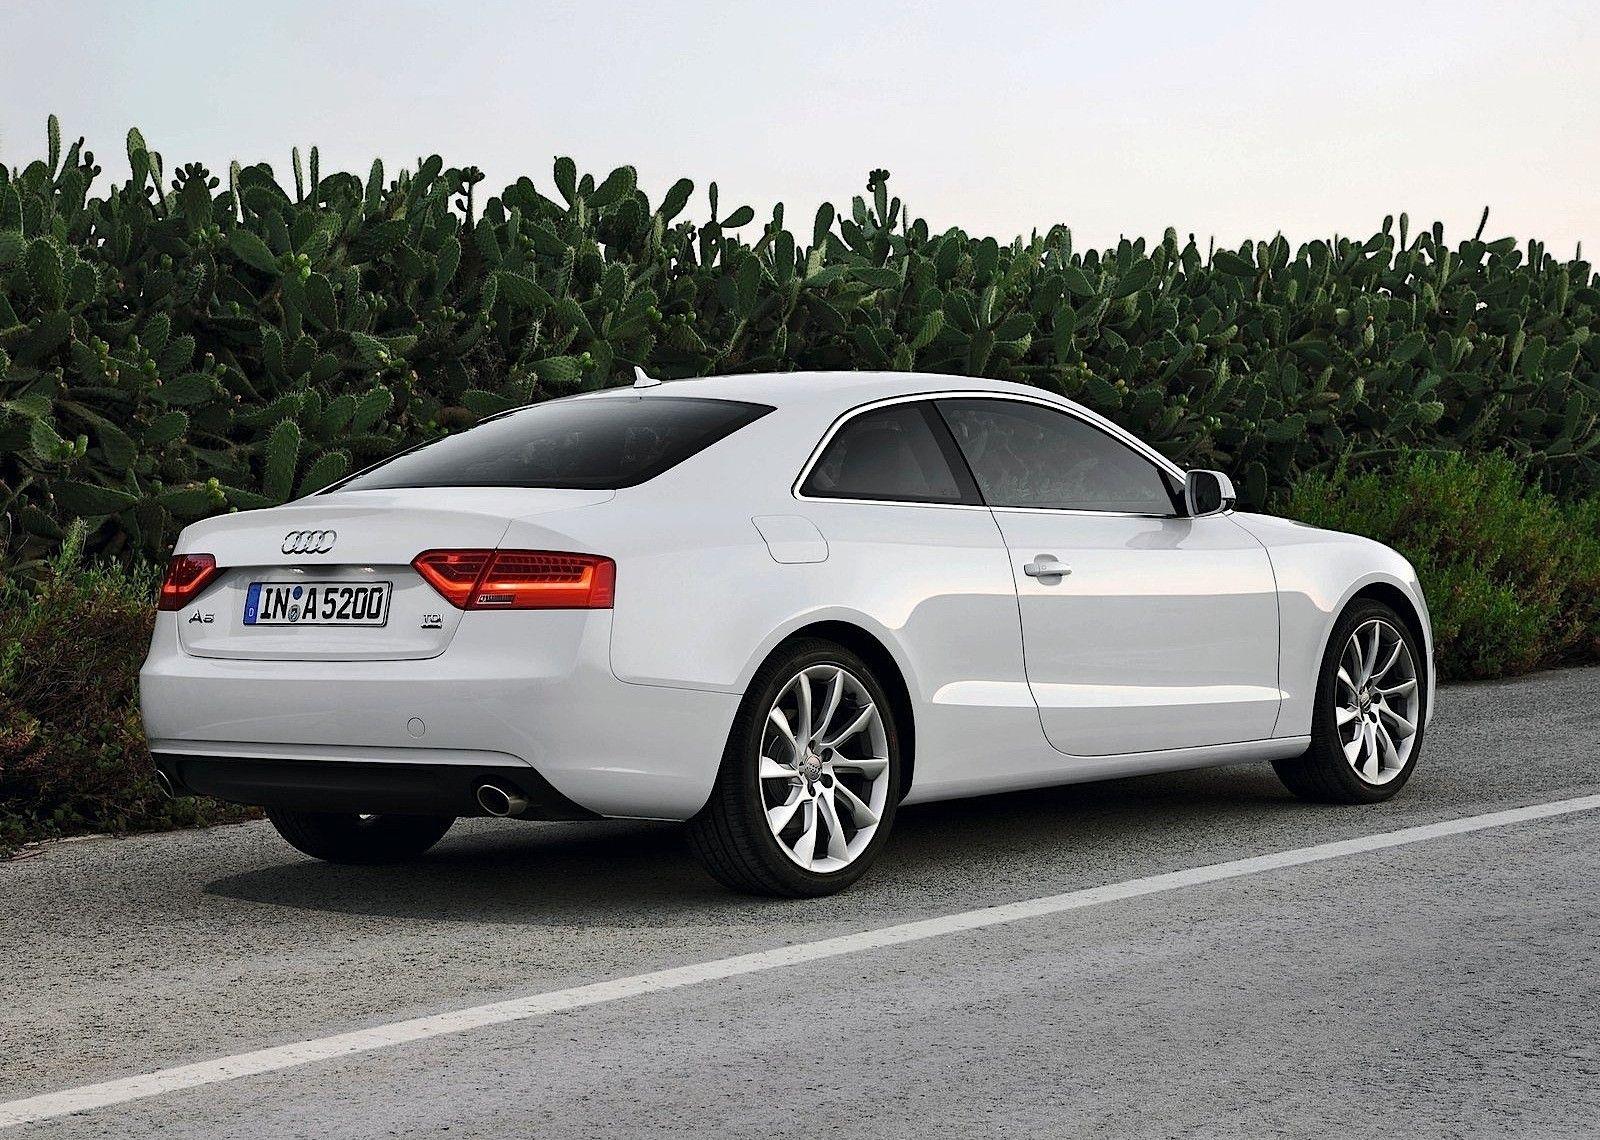 Kelebihan Kekurangan Audi A5 2011 Tangguh